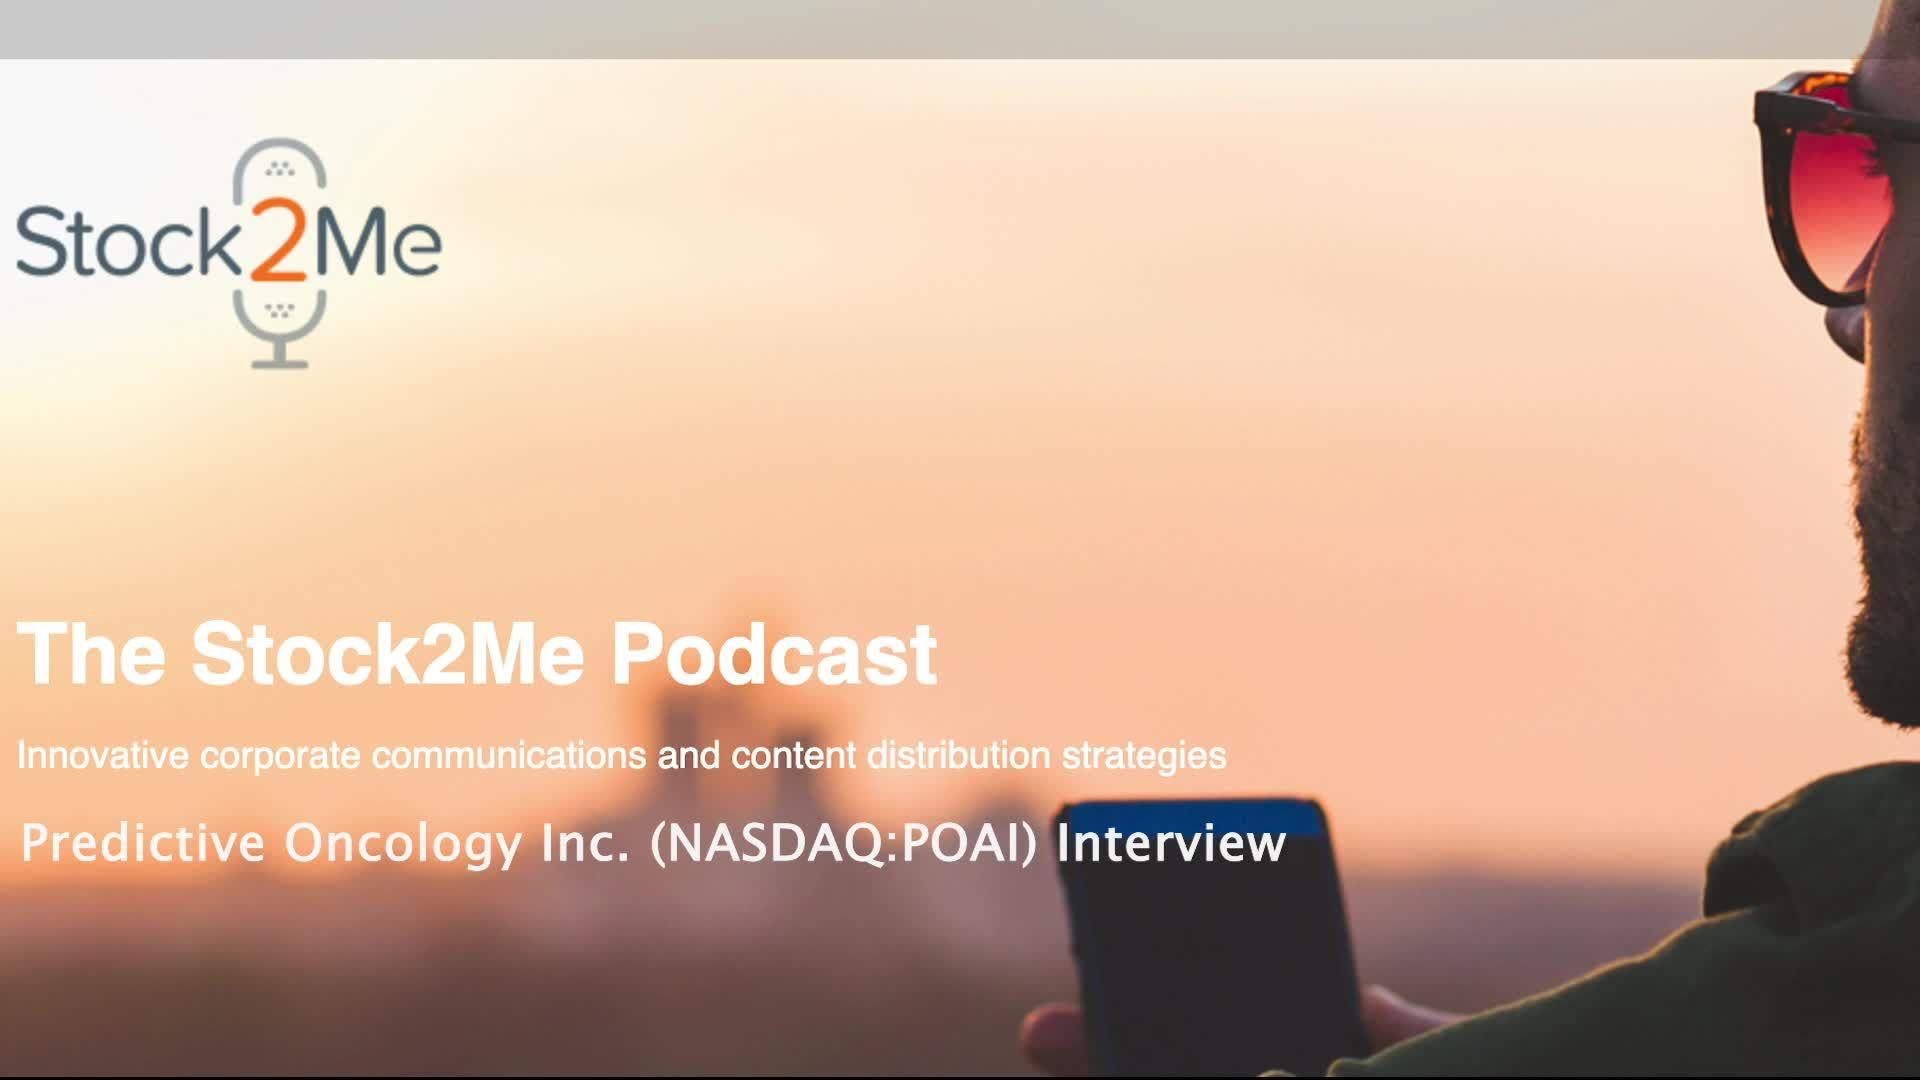 InvestorBrandNetwork-NetworkNewsAudio Interviews-Predictive Oncology (NASDAQ: POAI) Interview